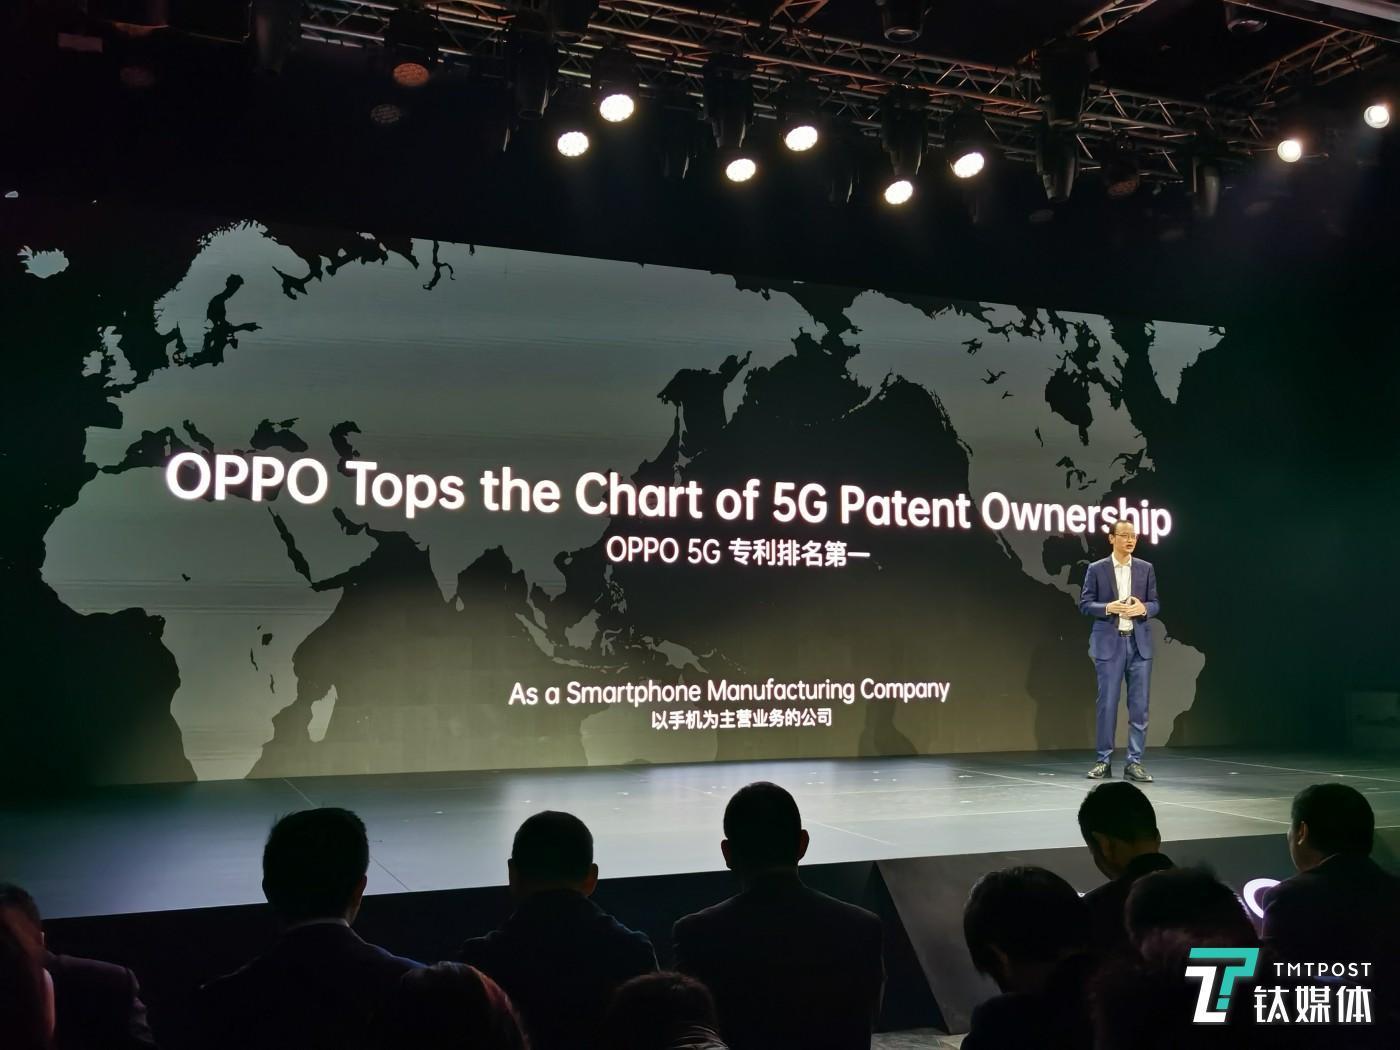 OPPO 5g商用技术专利排名第一